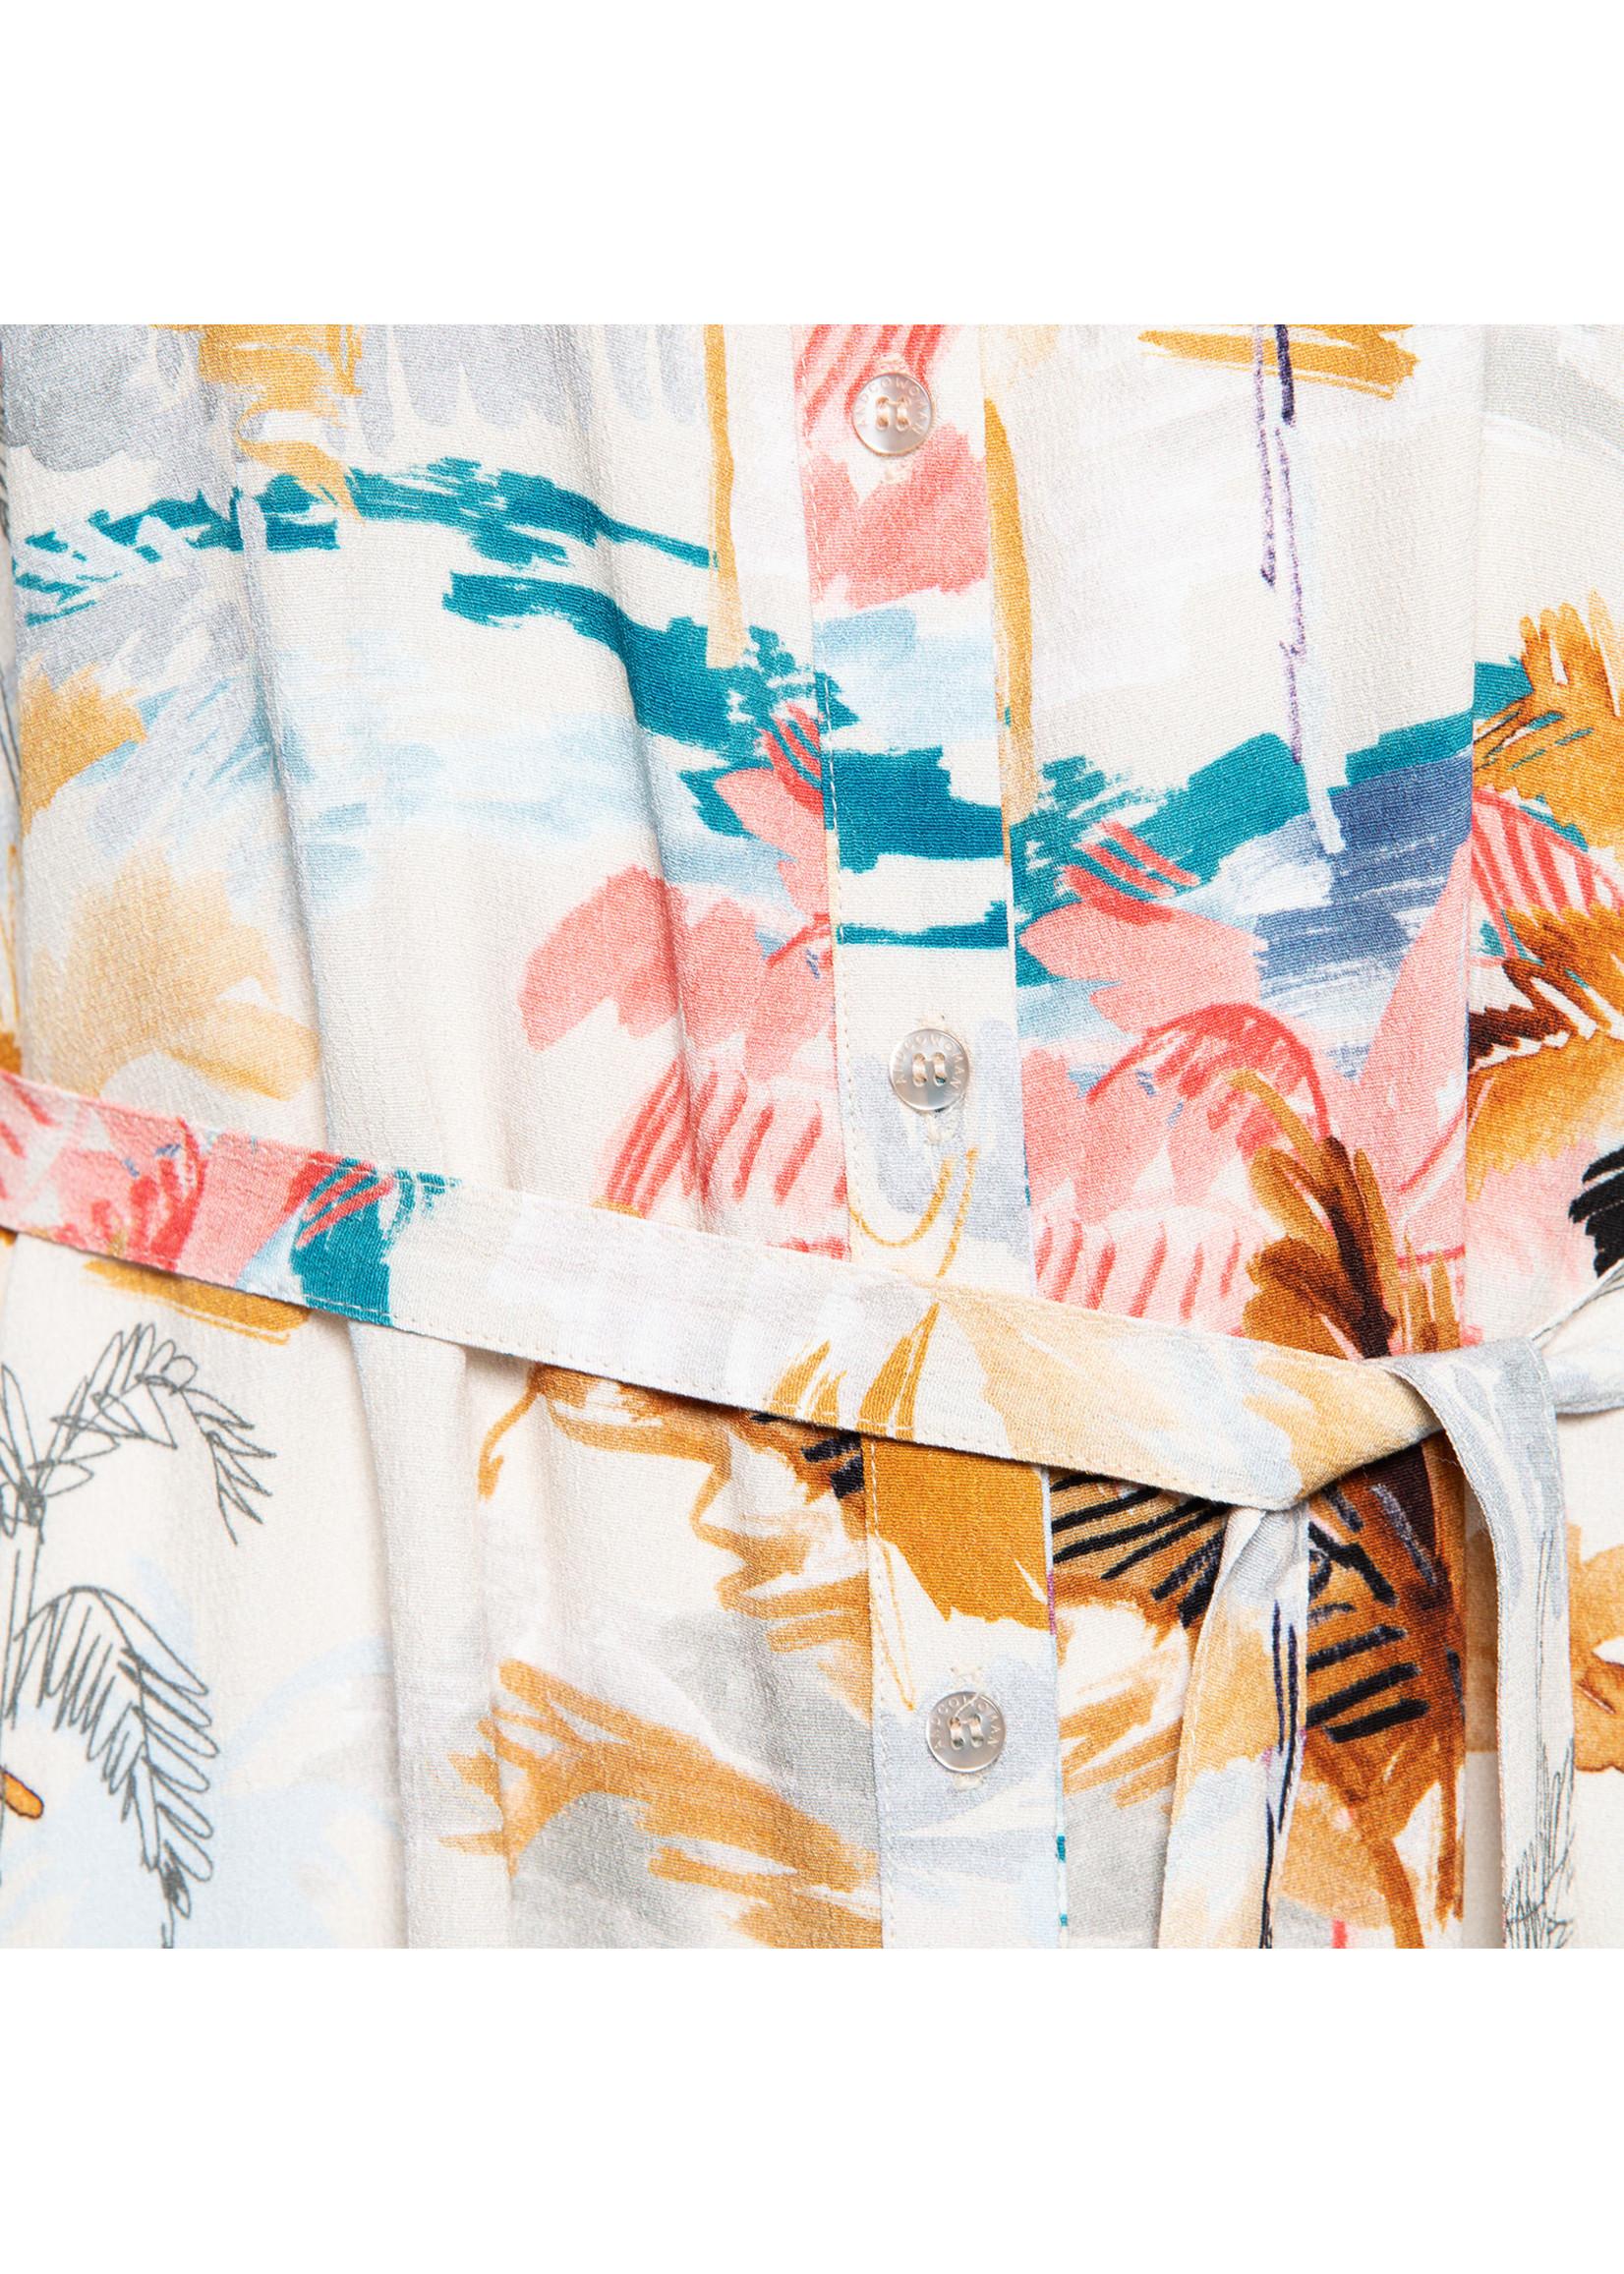 &Co Women Amalia lingdress multi palm (m.sand)